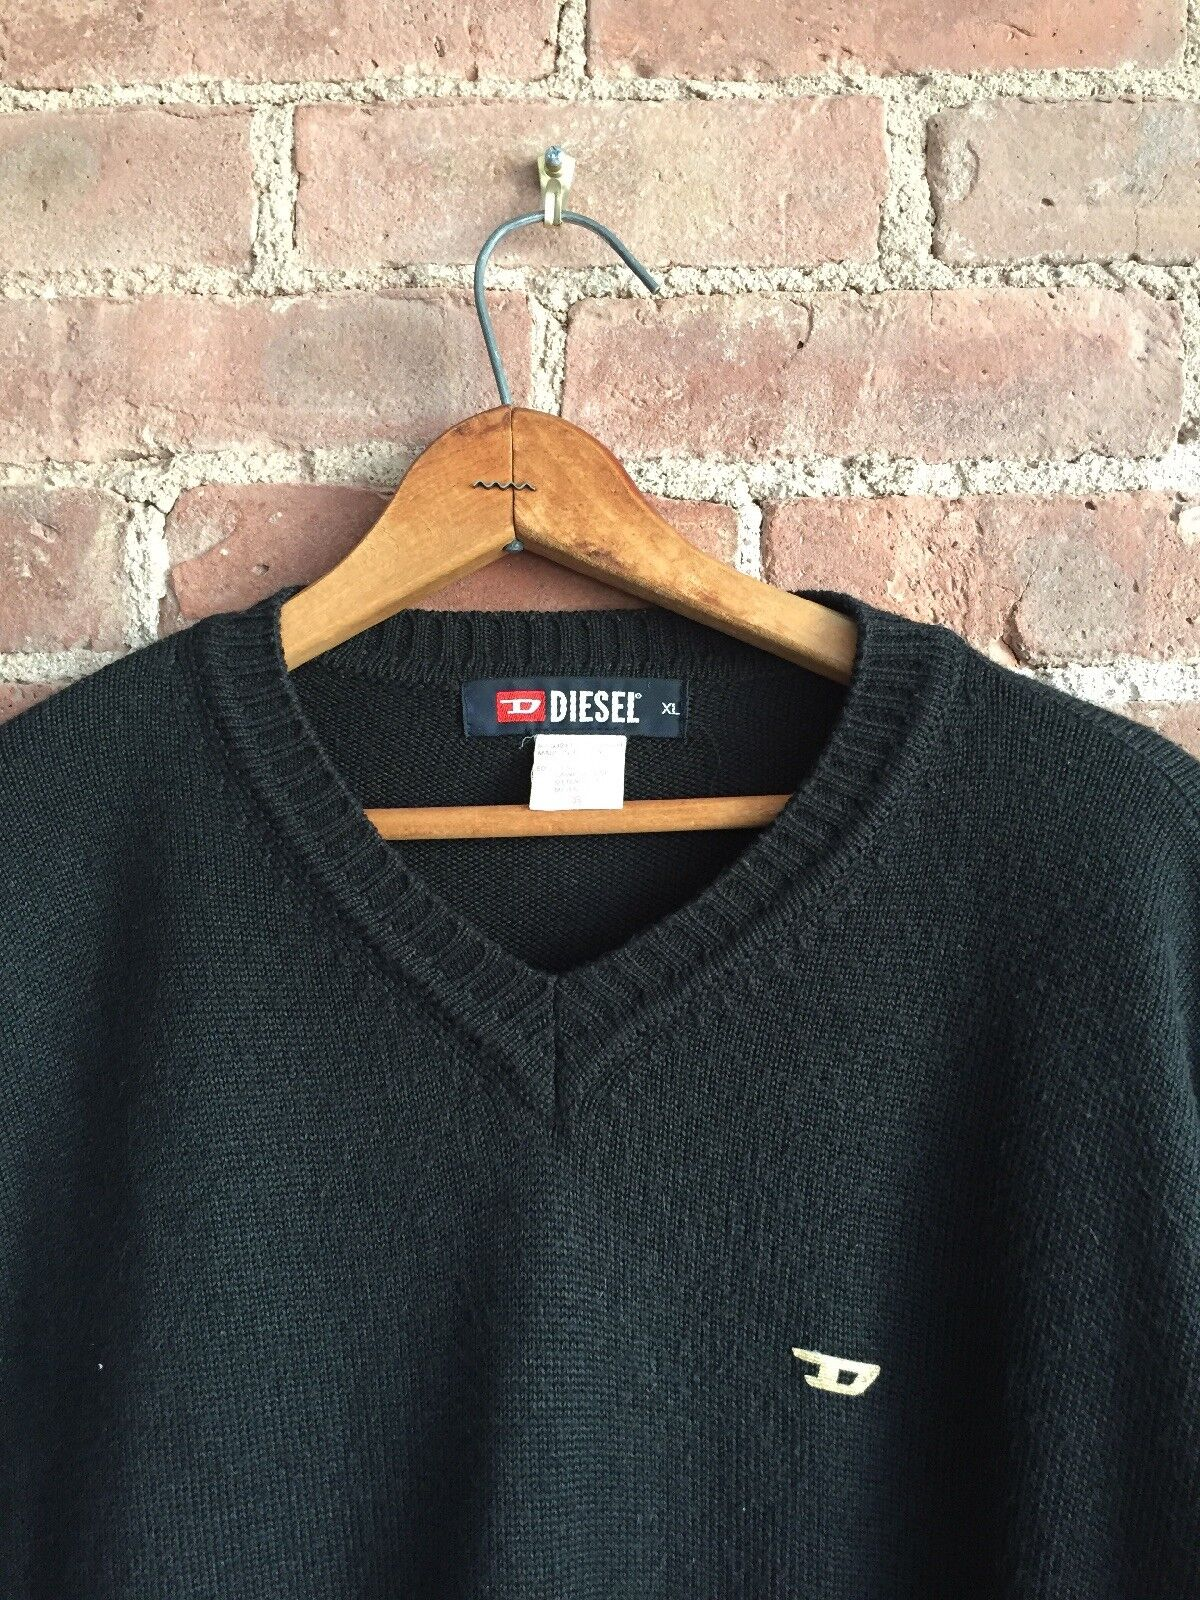 VINTAGE Men's Diesel Sweater. Sz XL, gold D